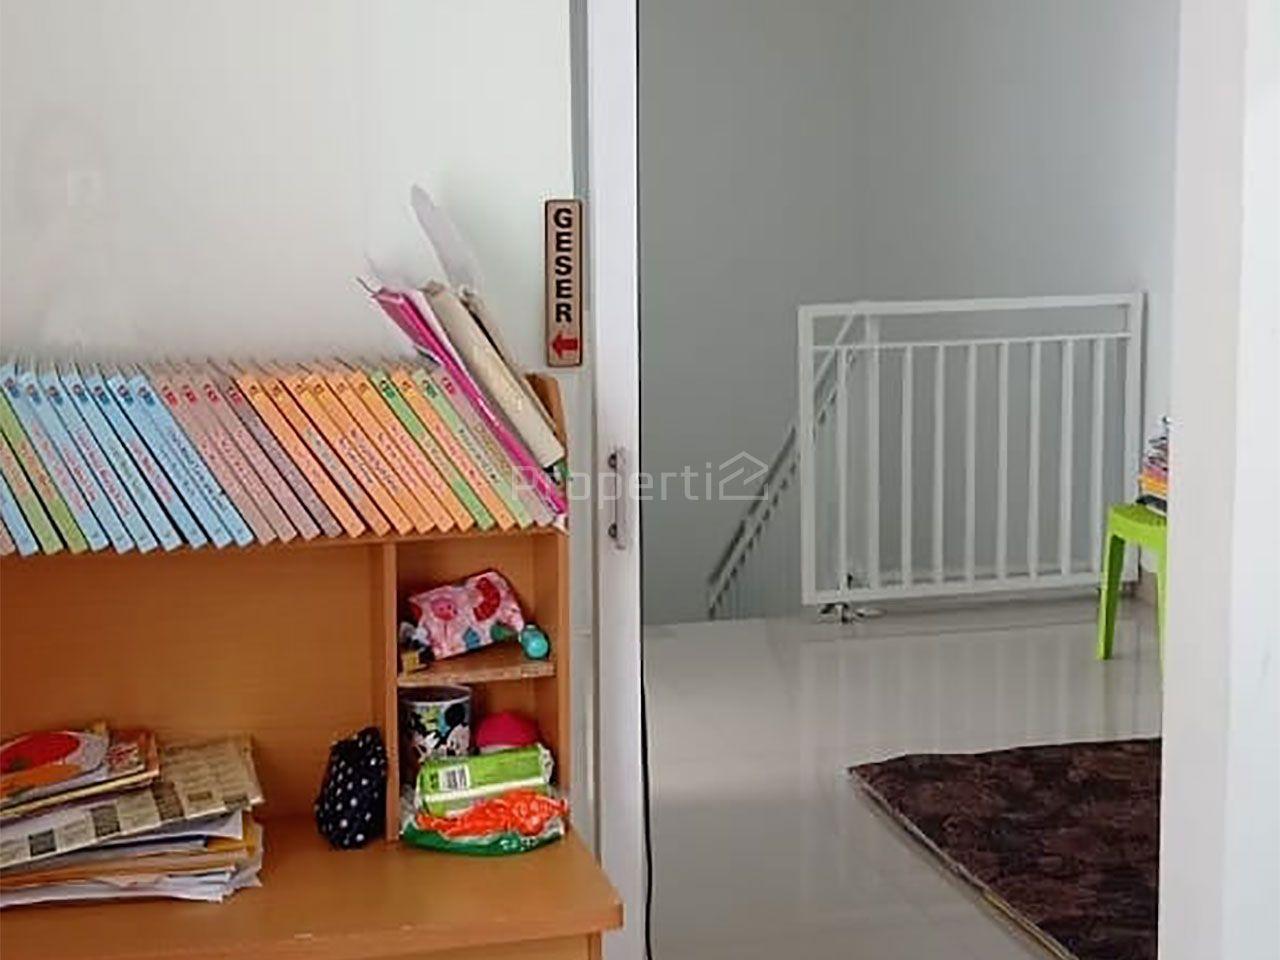 Strategic House at Rawa Buntu, Kota Tangerang Selatan